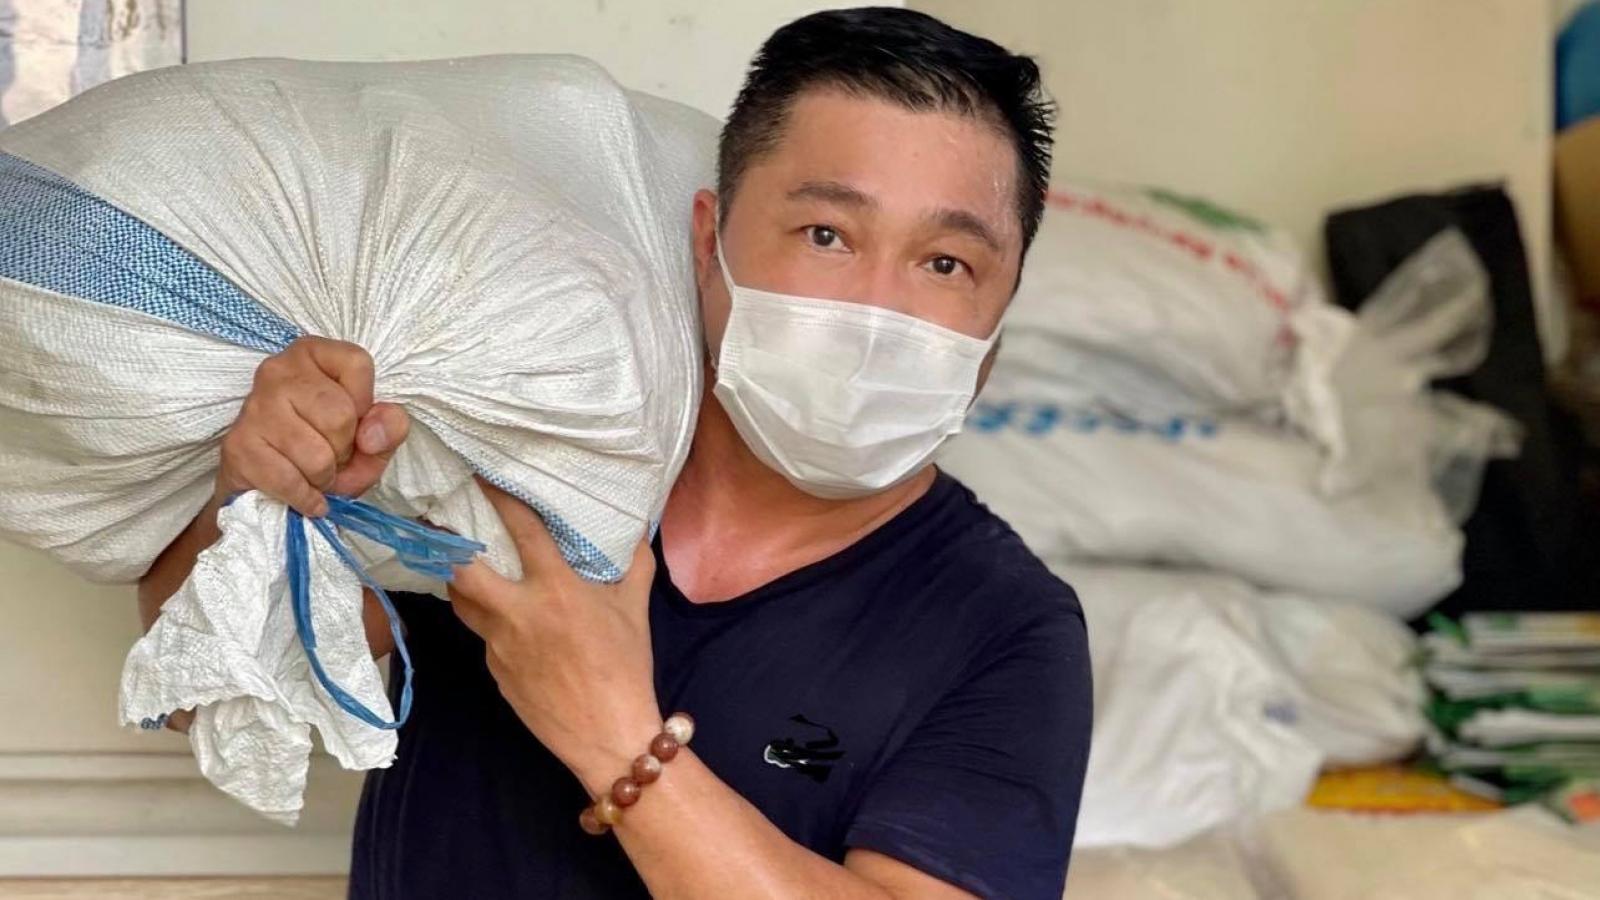 Lý Hùng - Lý Hương góp 1 tỷ đồng chống dịch Covid-19 cho TP.HCM